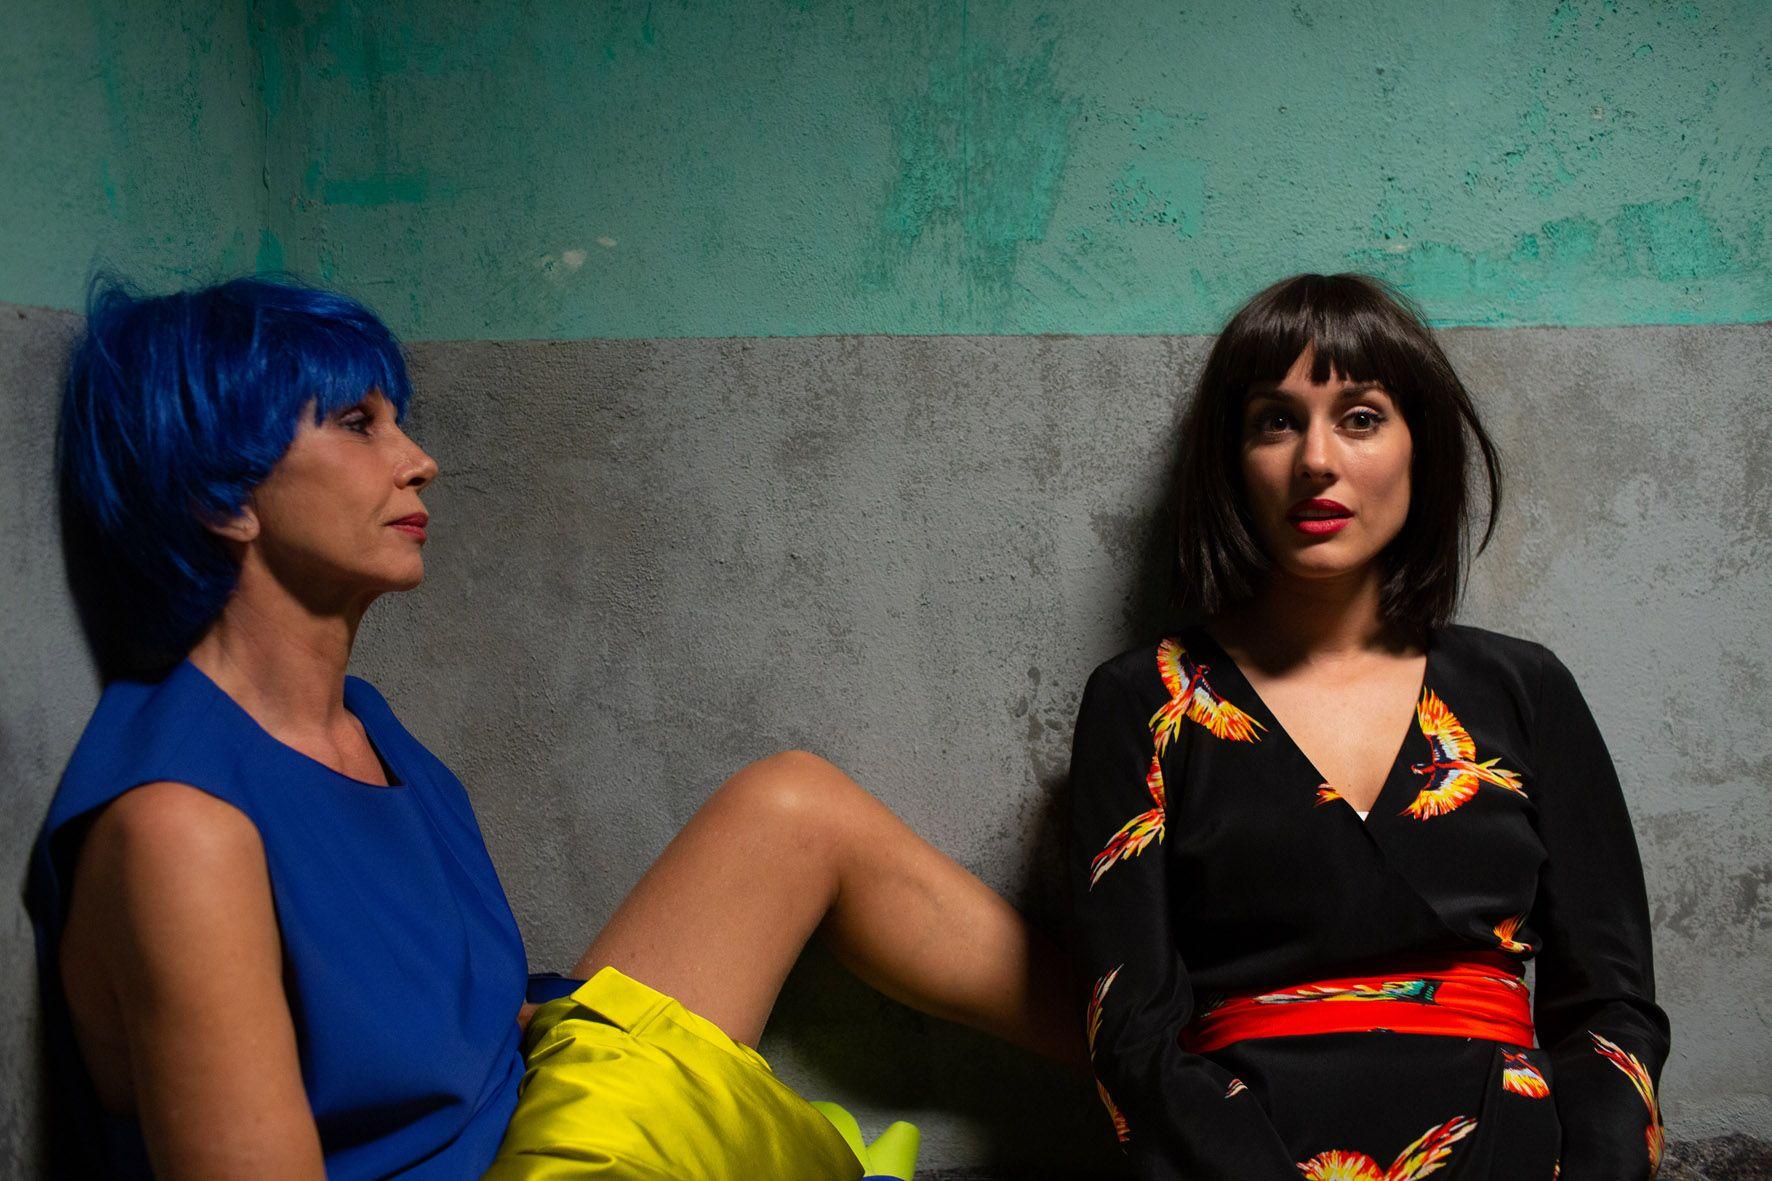 Victoria Abril, María León y Silvia Alonso arrancan el rodaje de 'La lista'